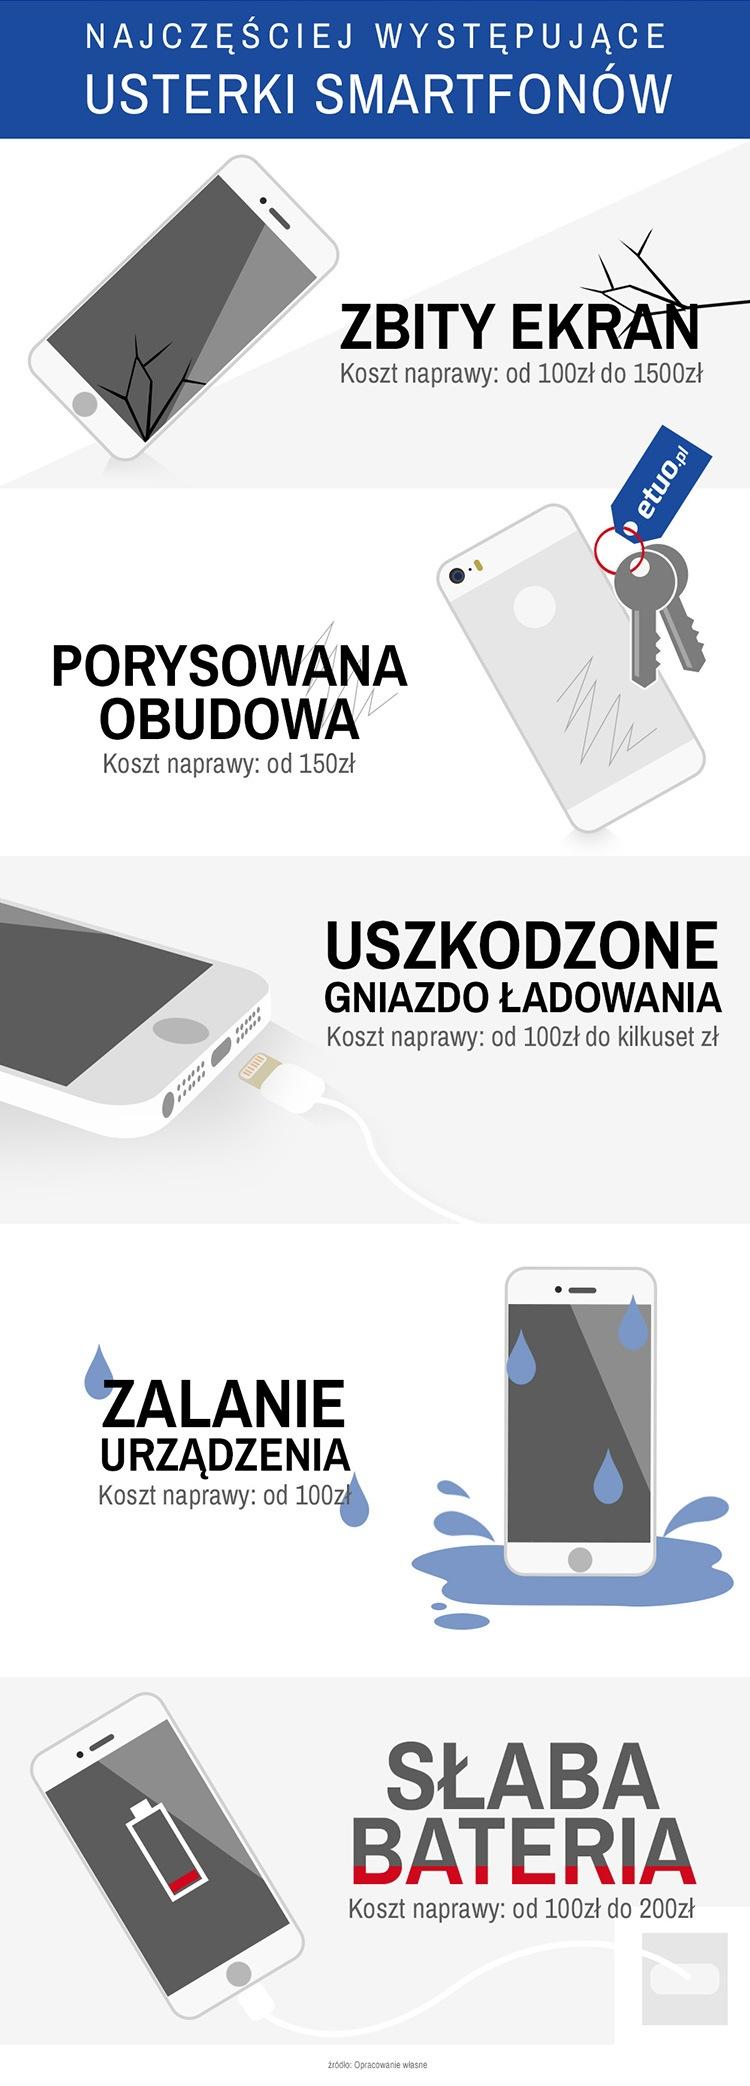 najczęściej występujące usterki smartfonów infografika